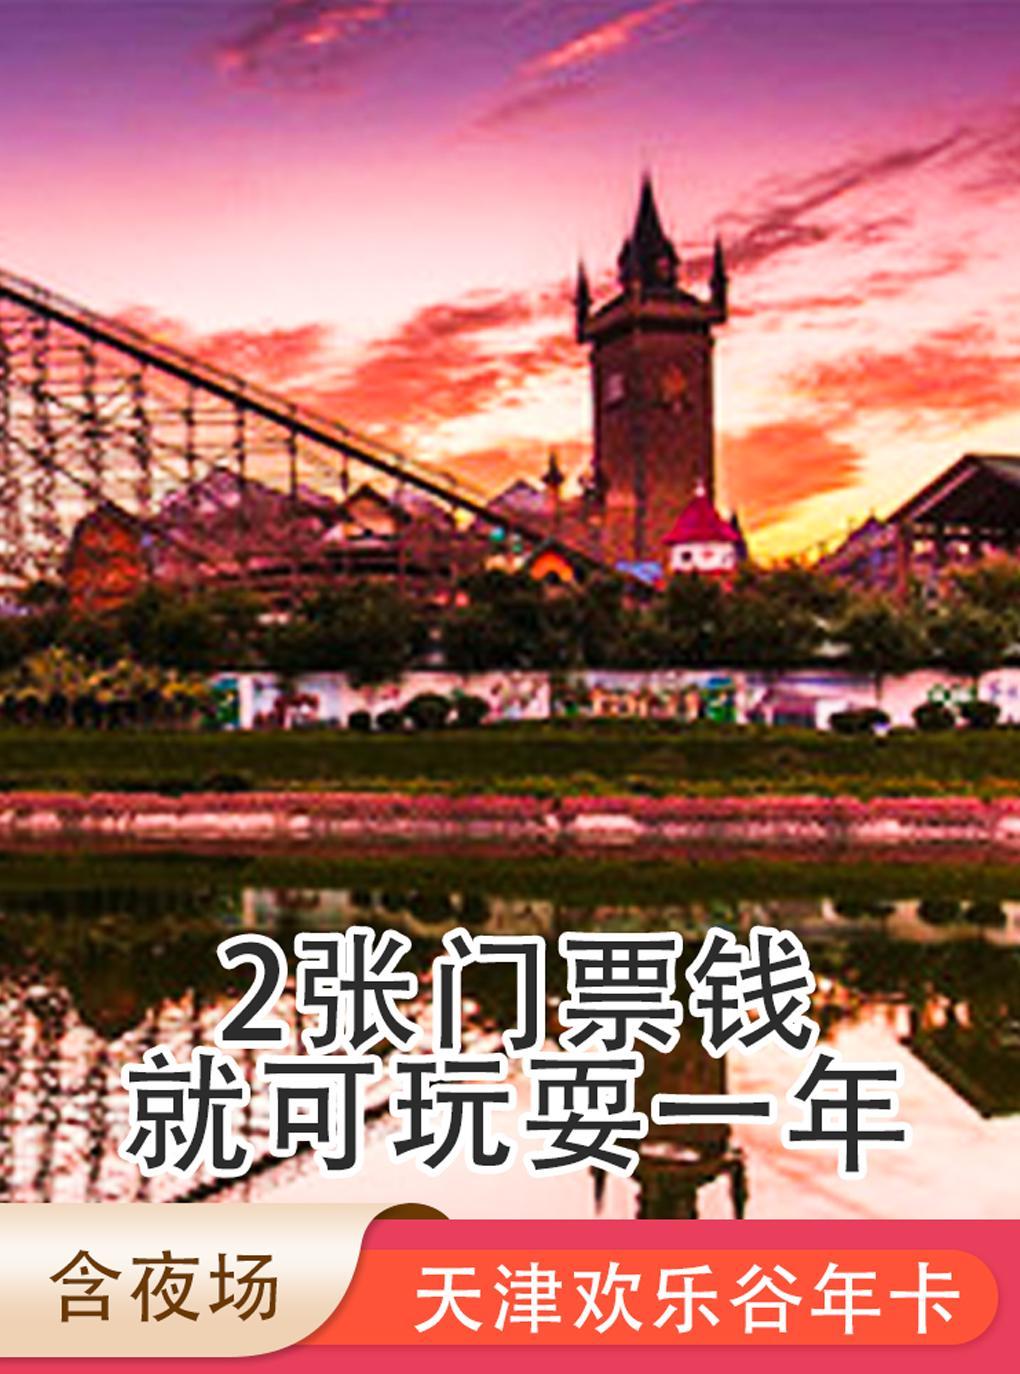 天津欢乐谷电子年卡